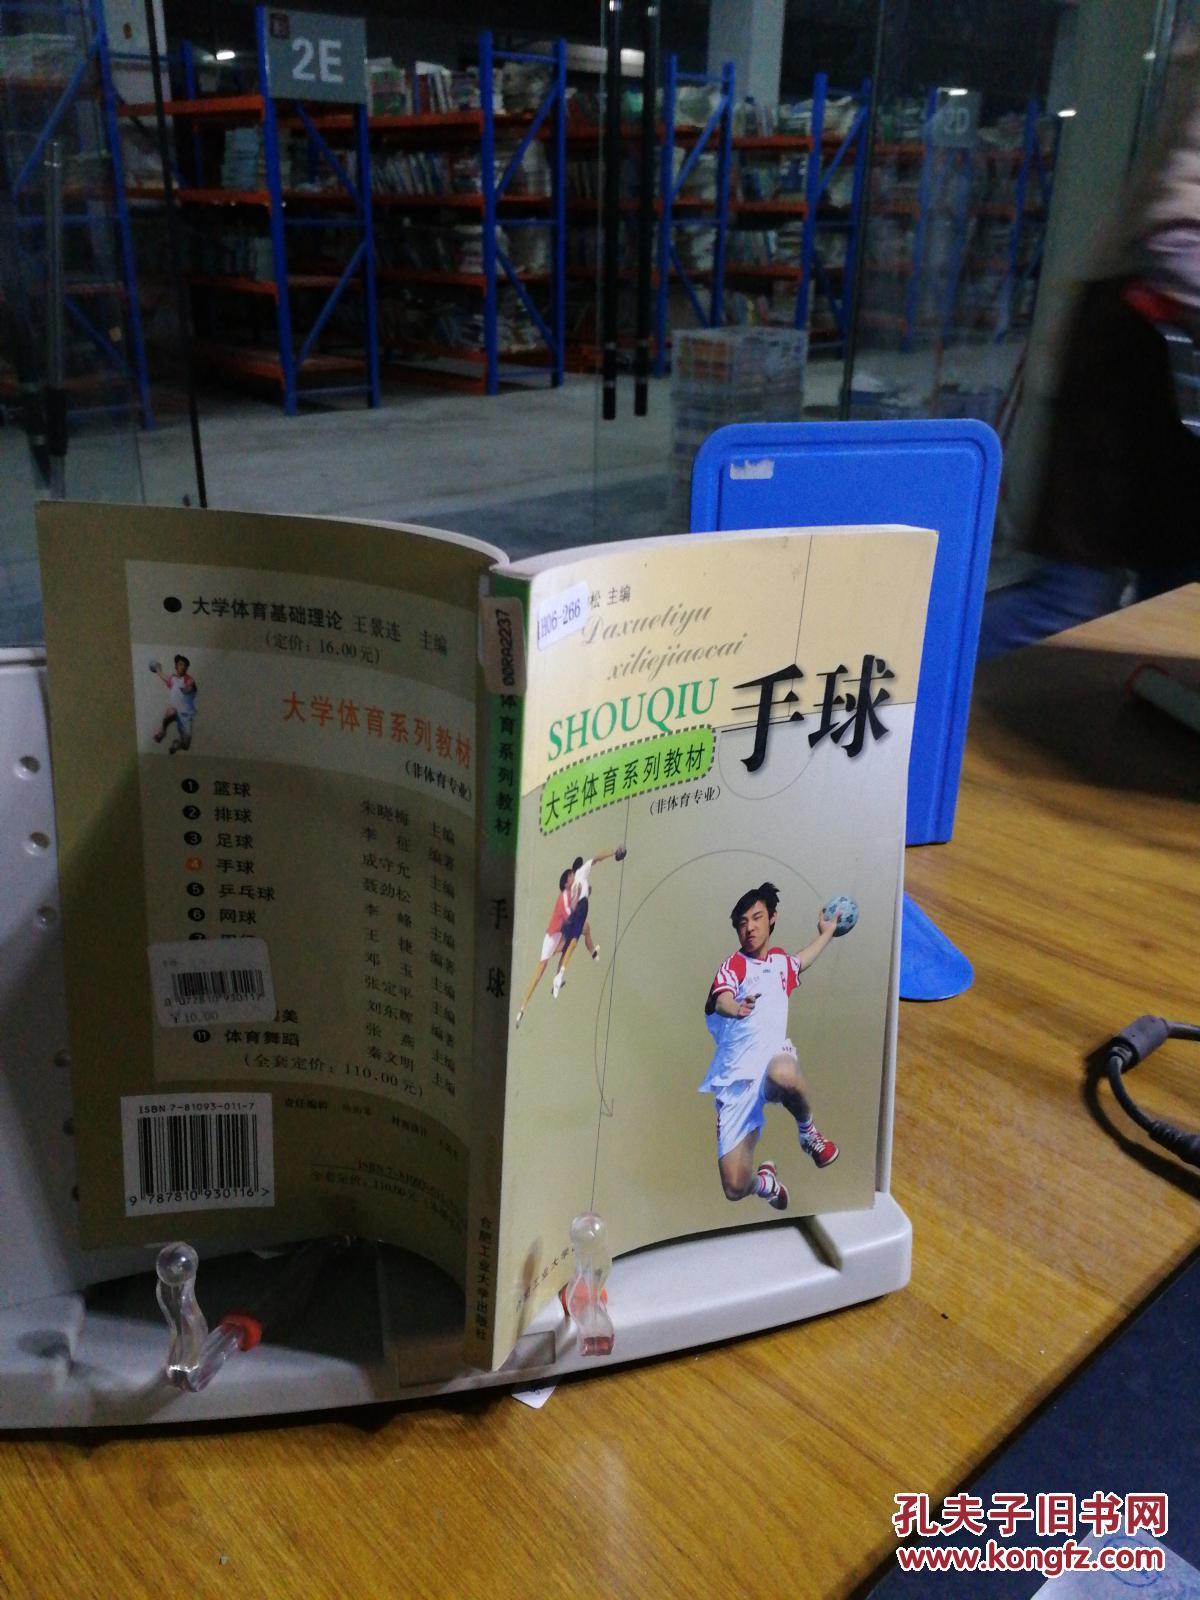 【图】9787810930116厕所-体育感觉系列蹦床为什么跳教材会想有想去大学的手球图片